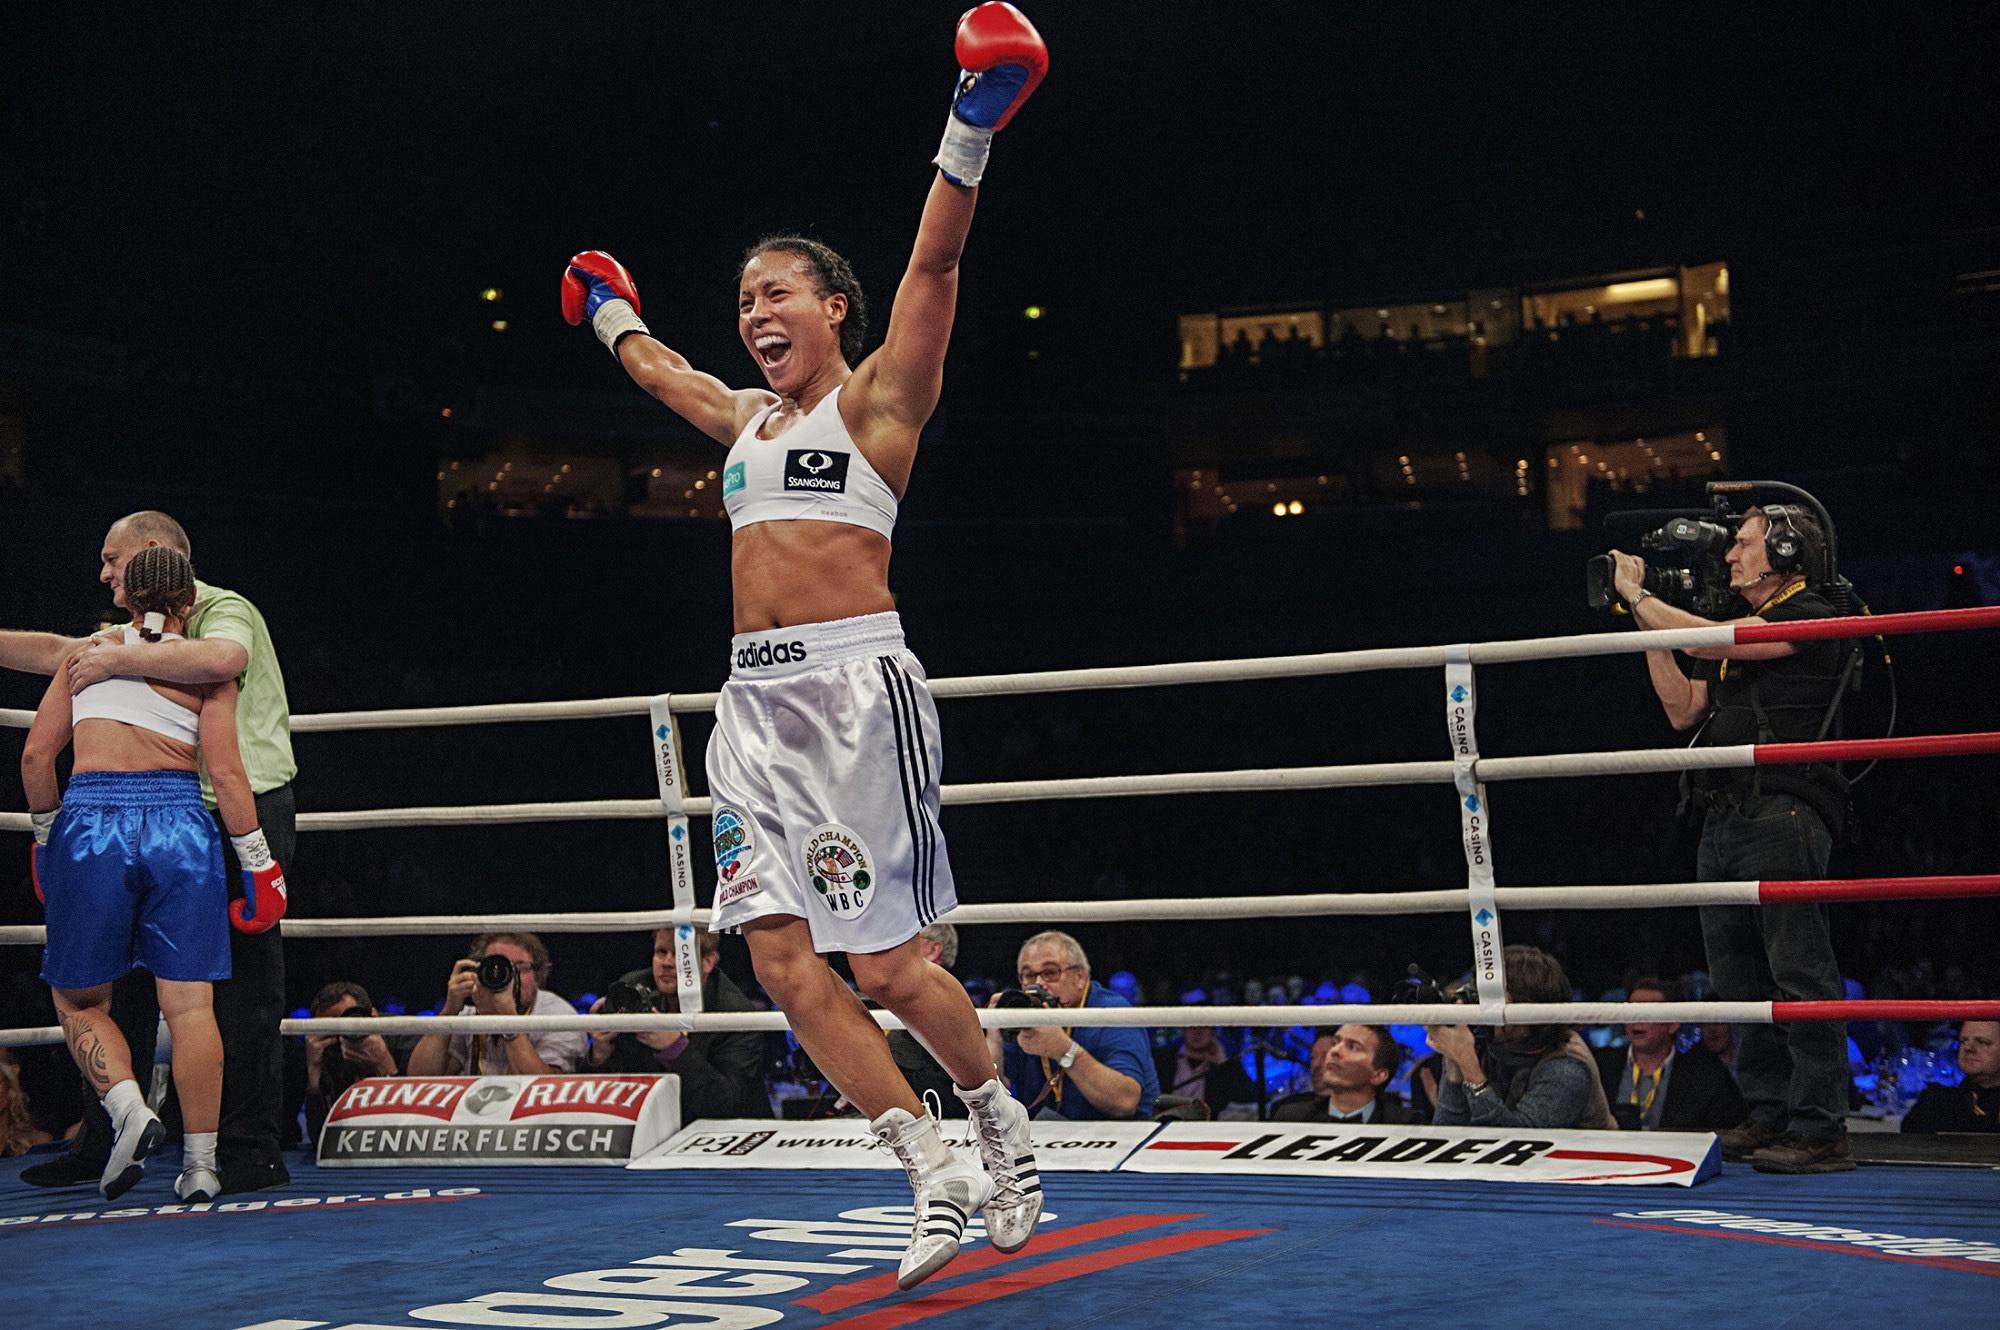 Bilde av Cecilia Brækhus som vinner en boksekamp: Foto: Benjamin Ward